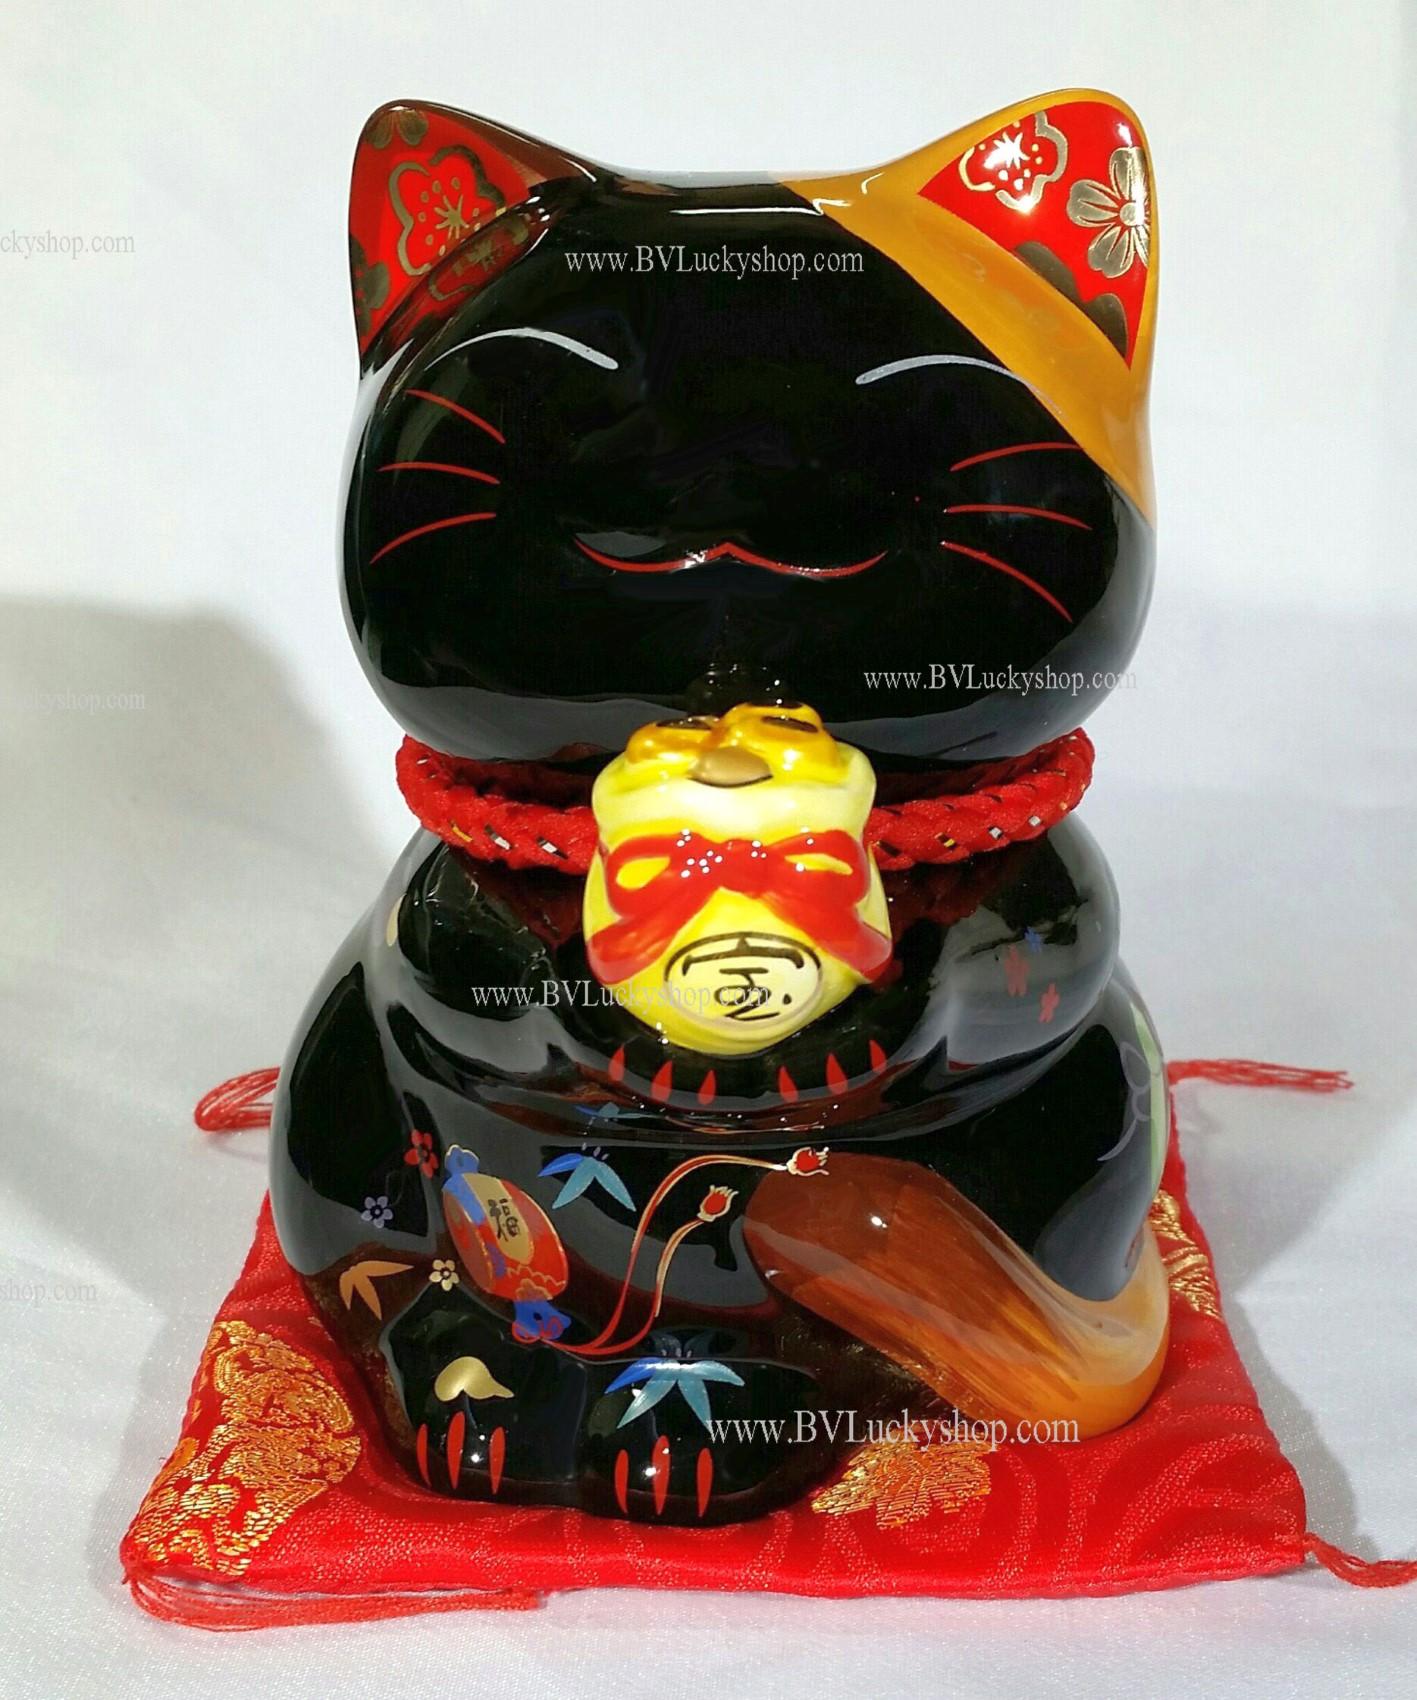 แมวกวัก แมวนำโชค สูง 6 นิ้ว ถือถุงเงินถุงทอง - สีดำ [35587]